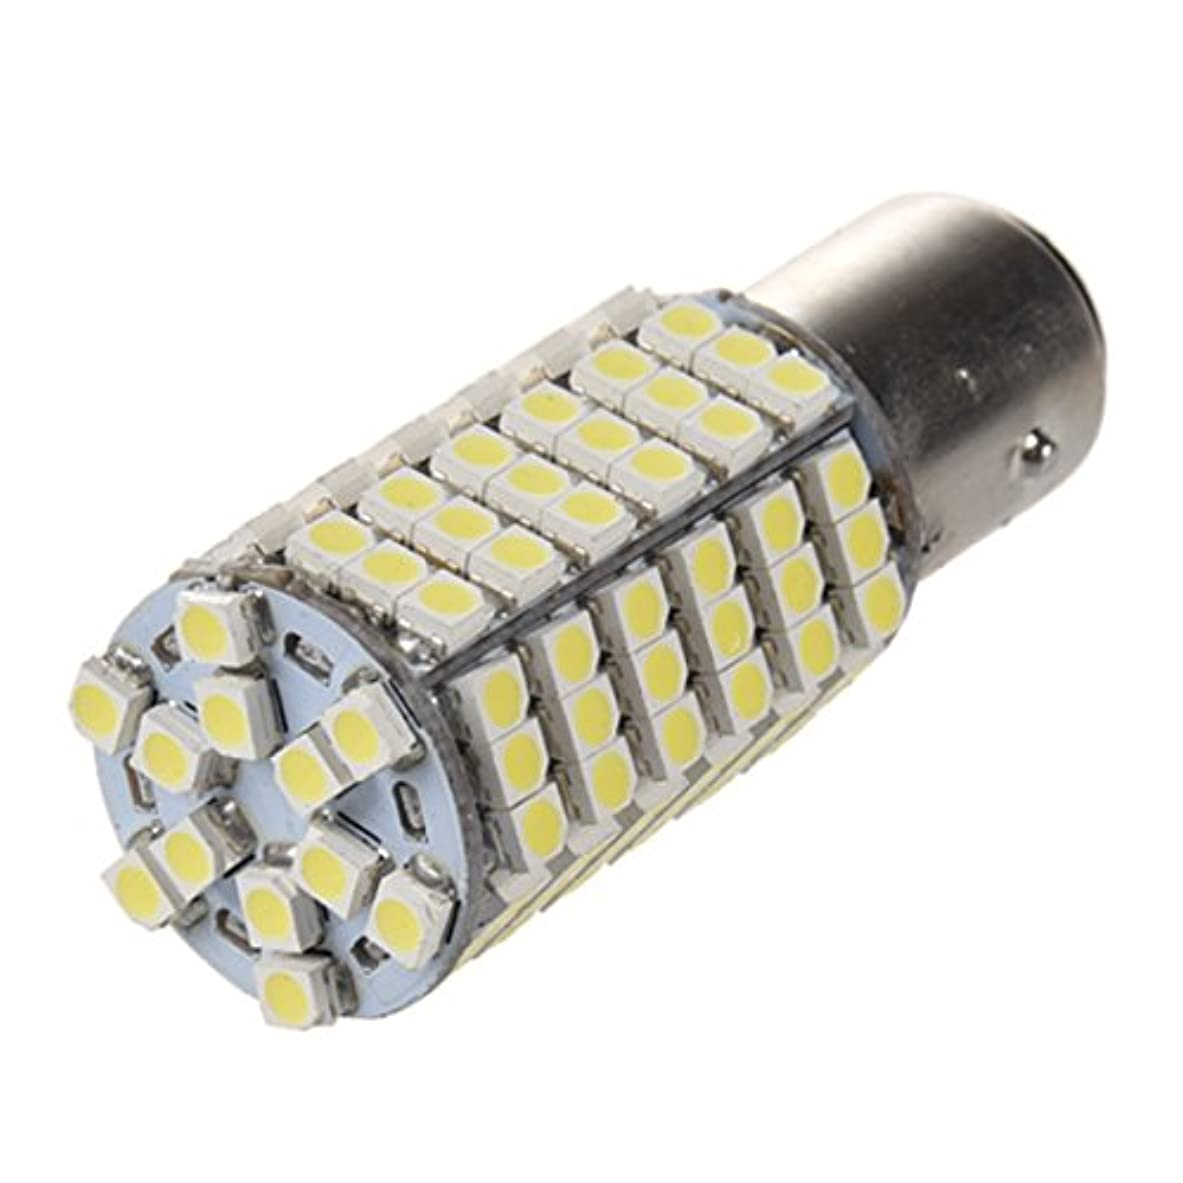 ログ肉ダムGaoominy 1157 1016 1034 120 SMD LEDテールライトP21 / 5W電球12V